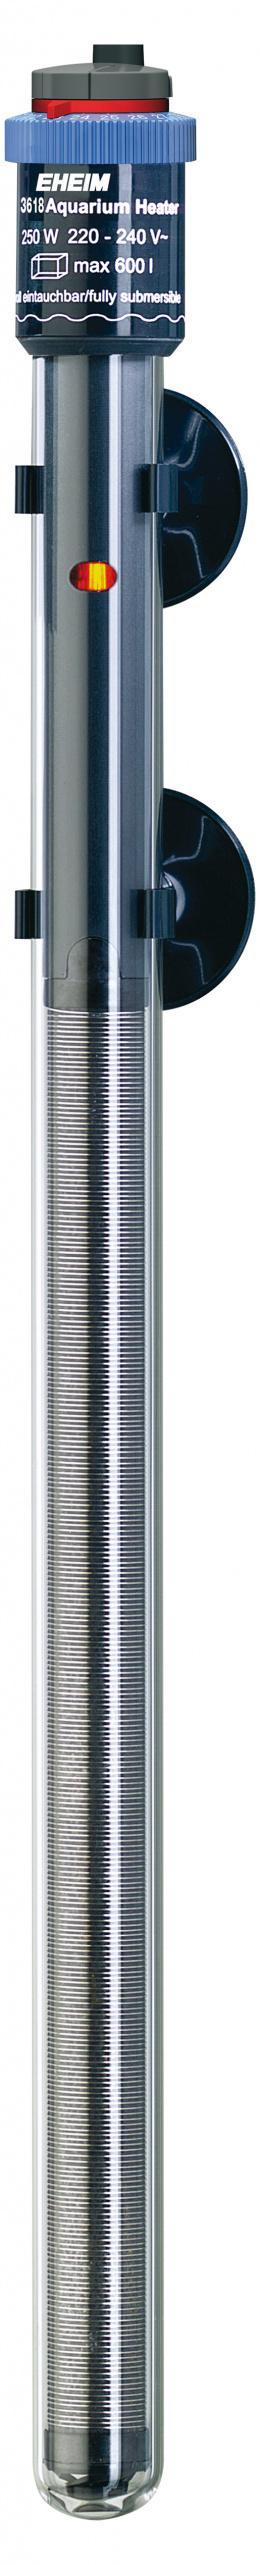 Topítko EHEIM Thermocontrol 250W,400-600l